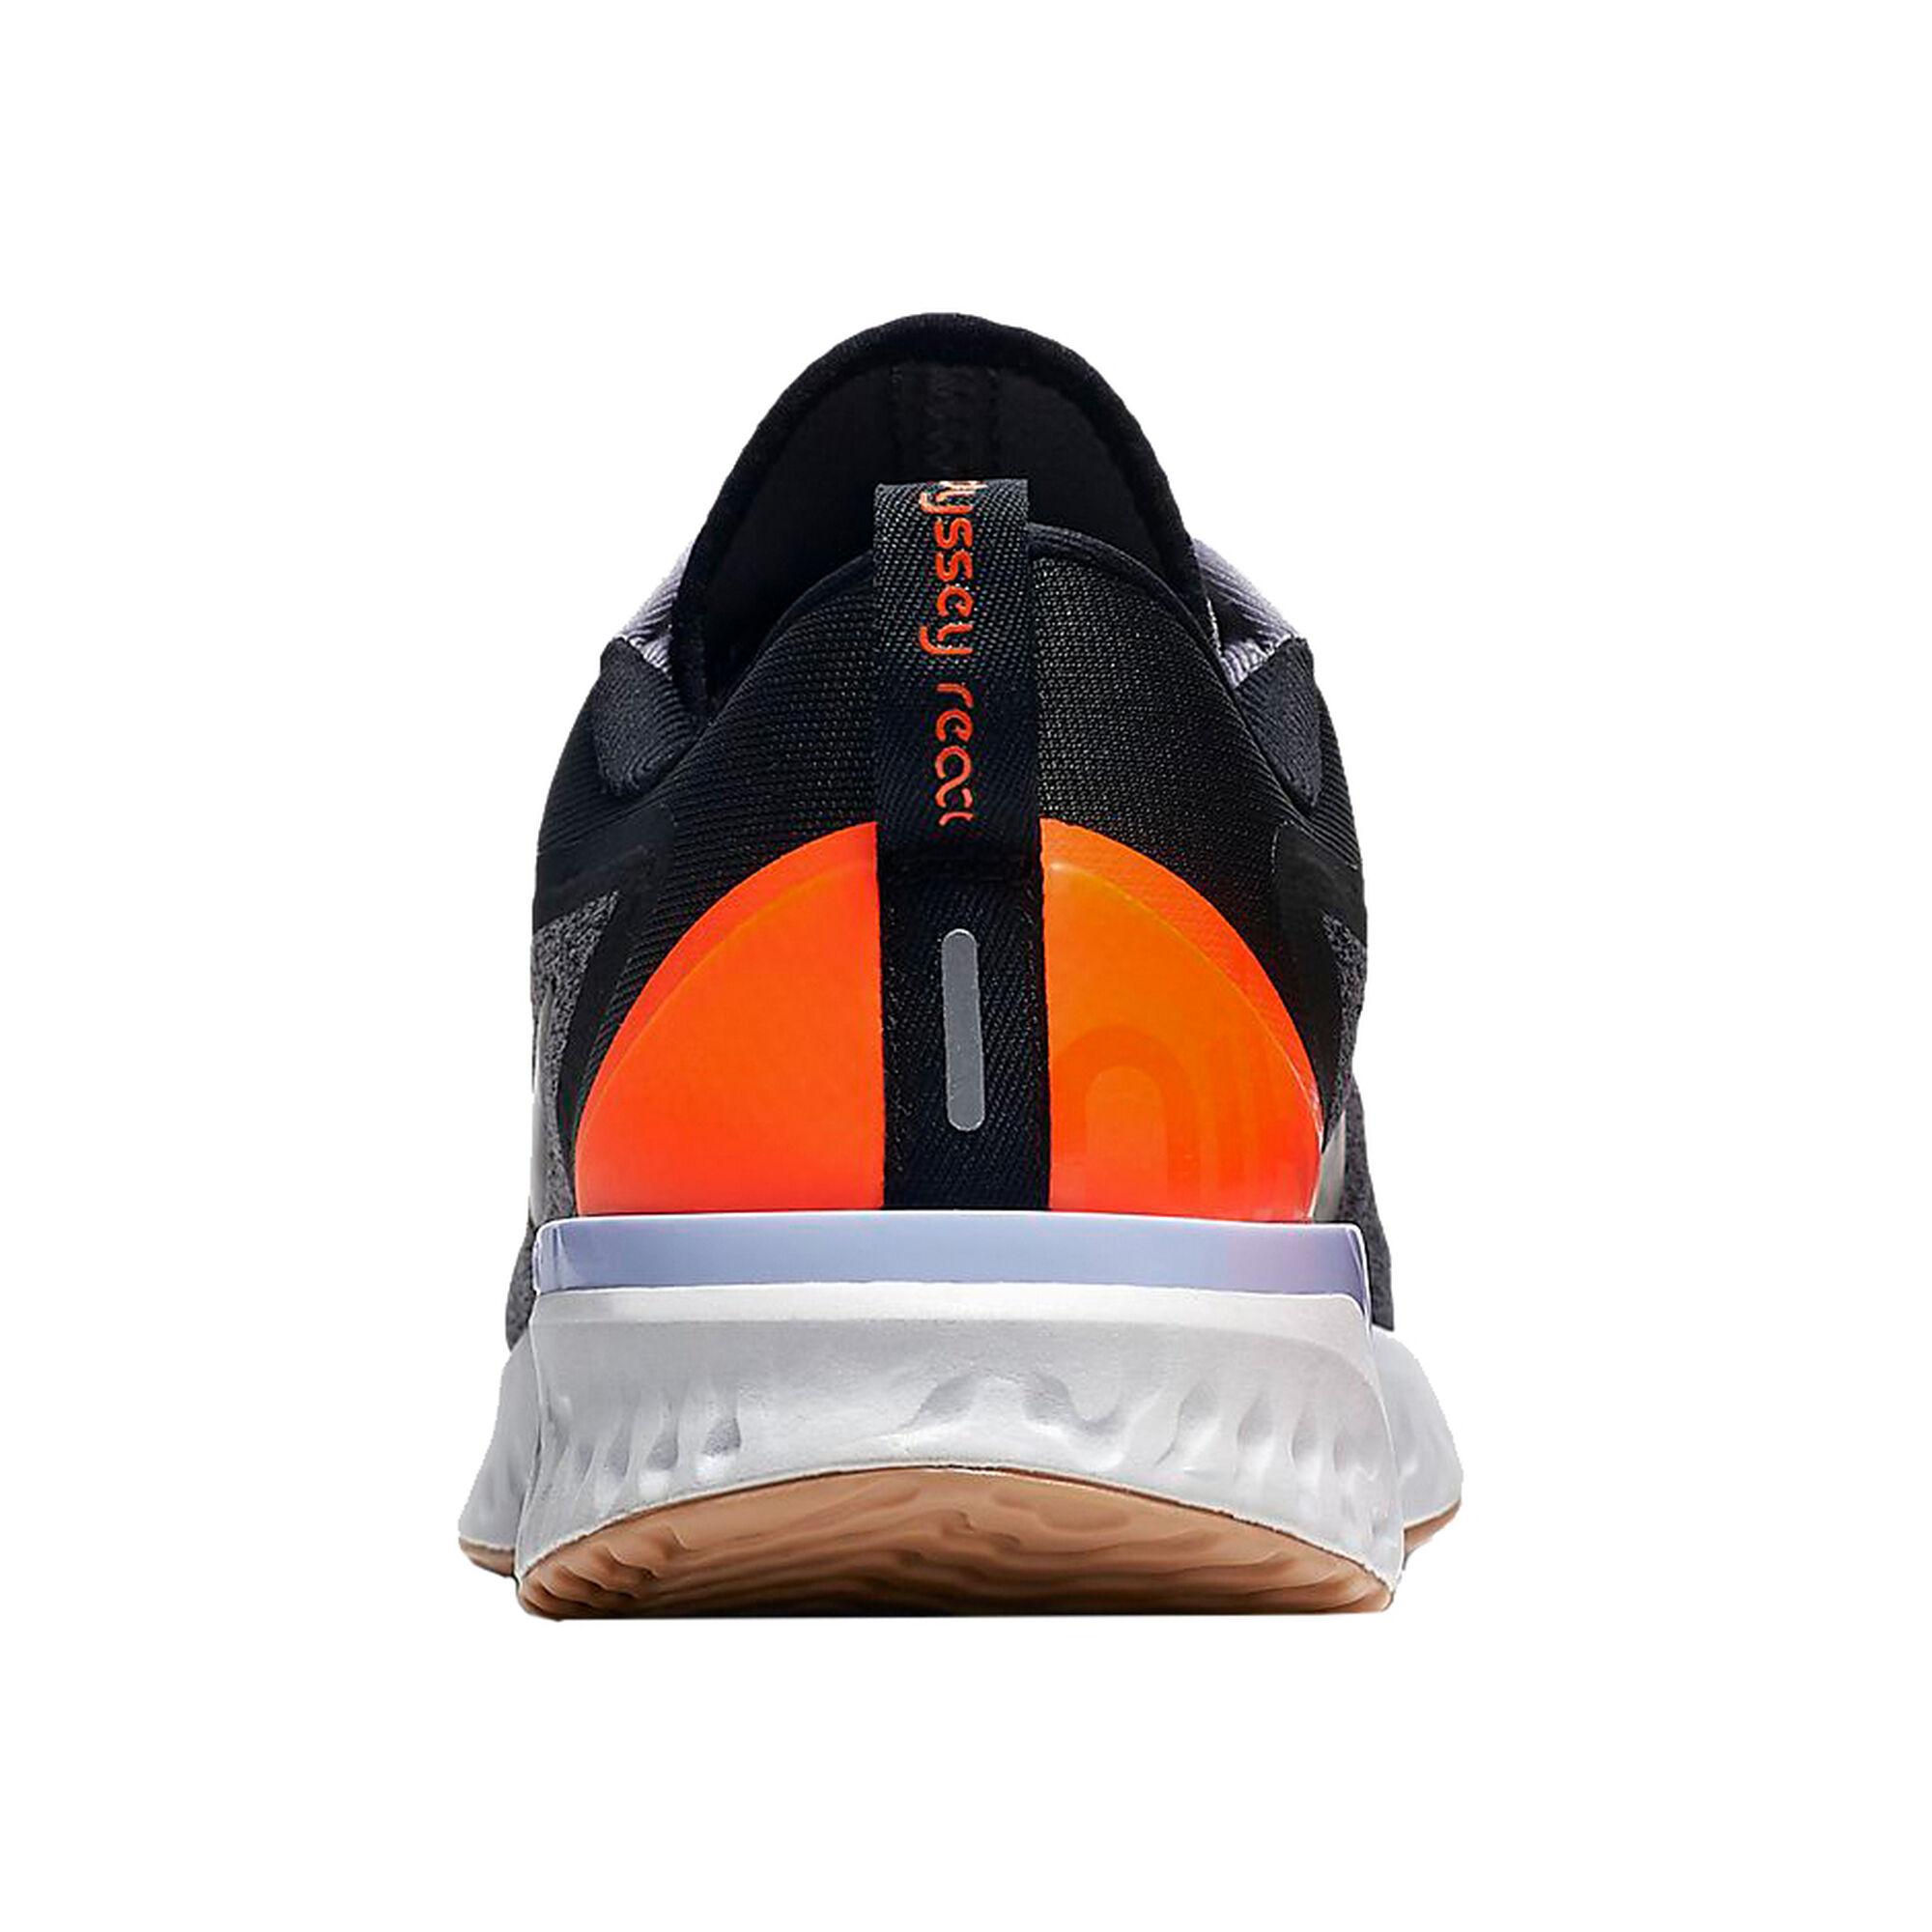 9ec87dd62976 Nike · Nike · Nike · Nike · Nike · Nike · Nike · Nike. Odyssey React Women  ...